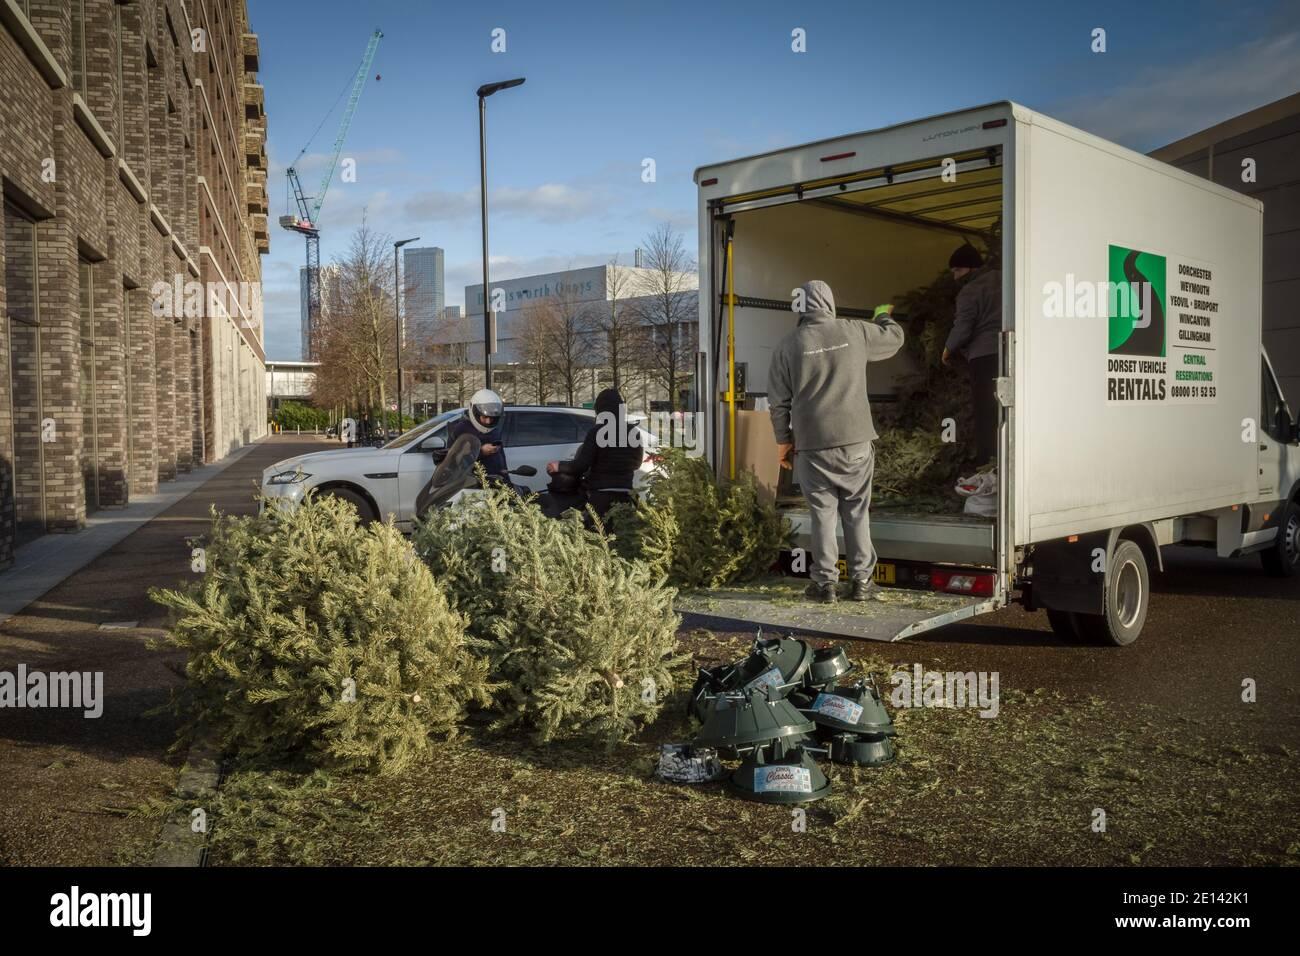 Les arbres de Noël rejetés sont récoltés près de Canada Water, dans le sud-est de Londres, au Royaume-Uni. Banque D'Images